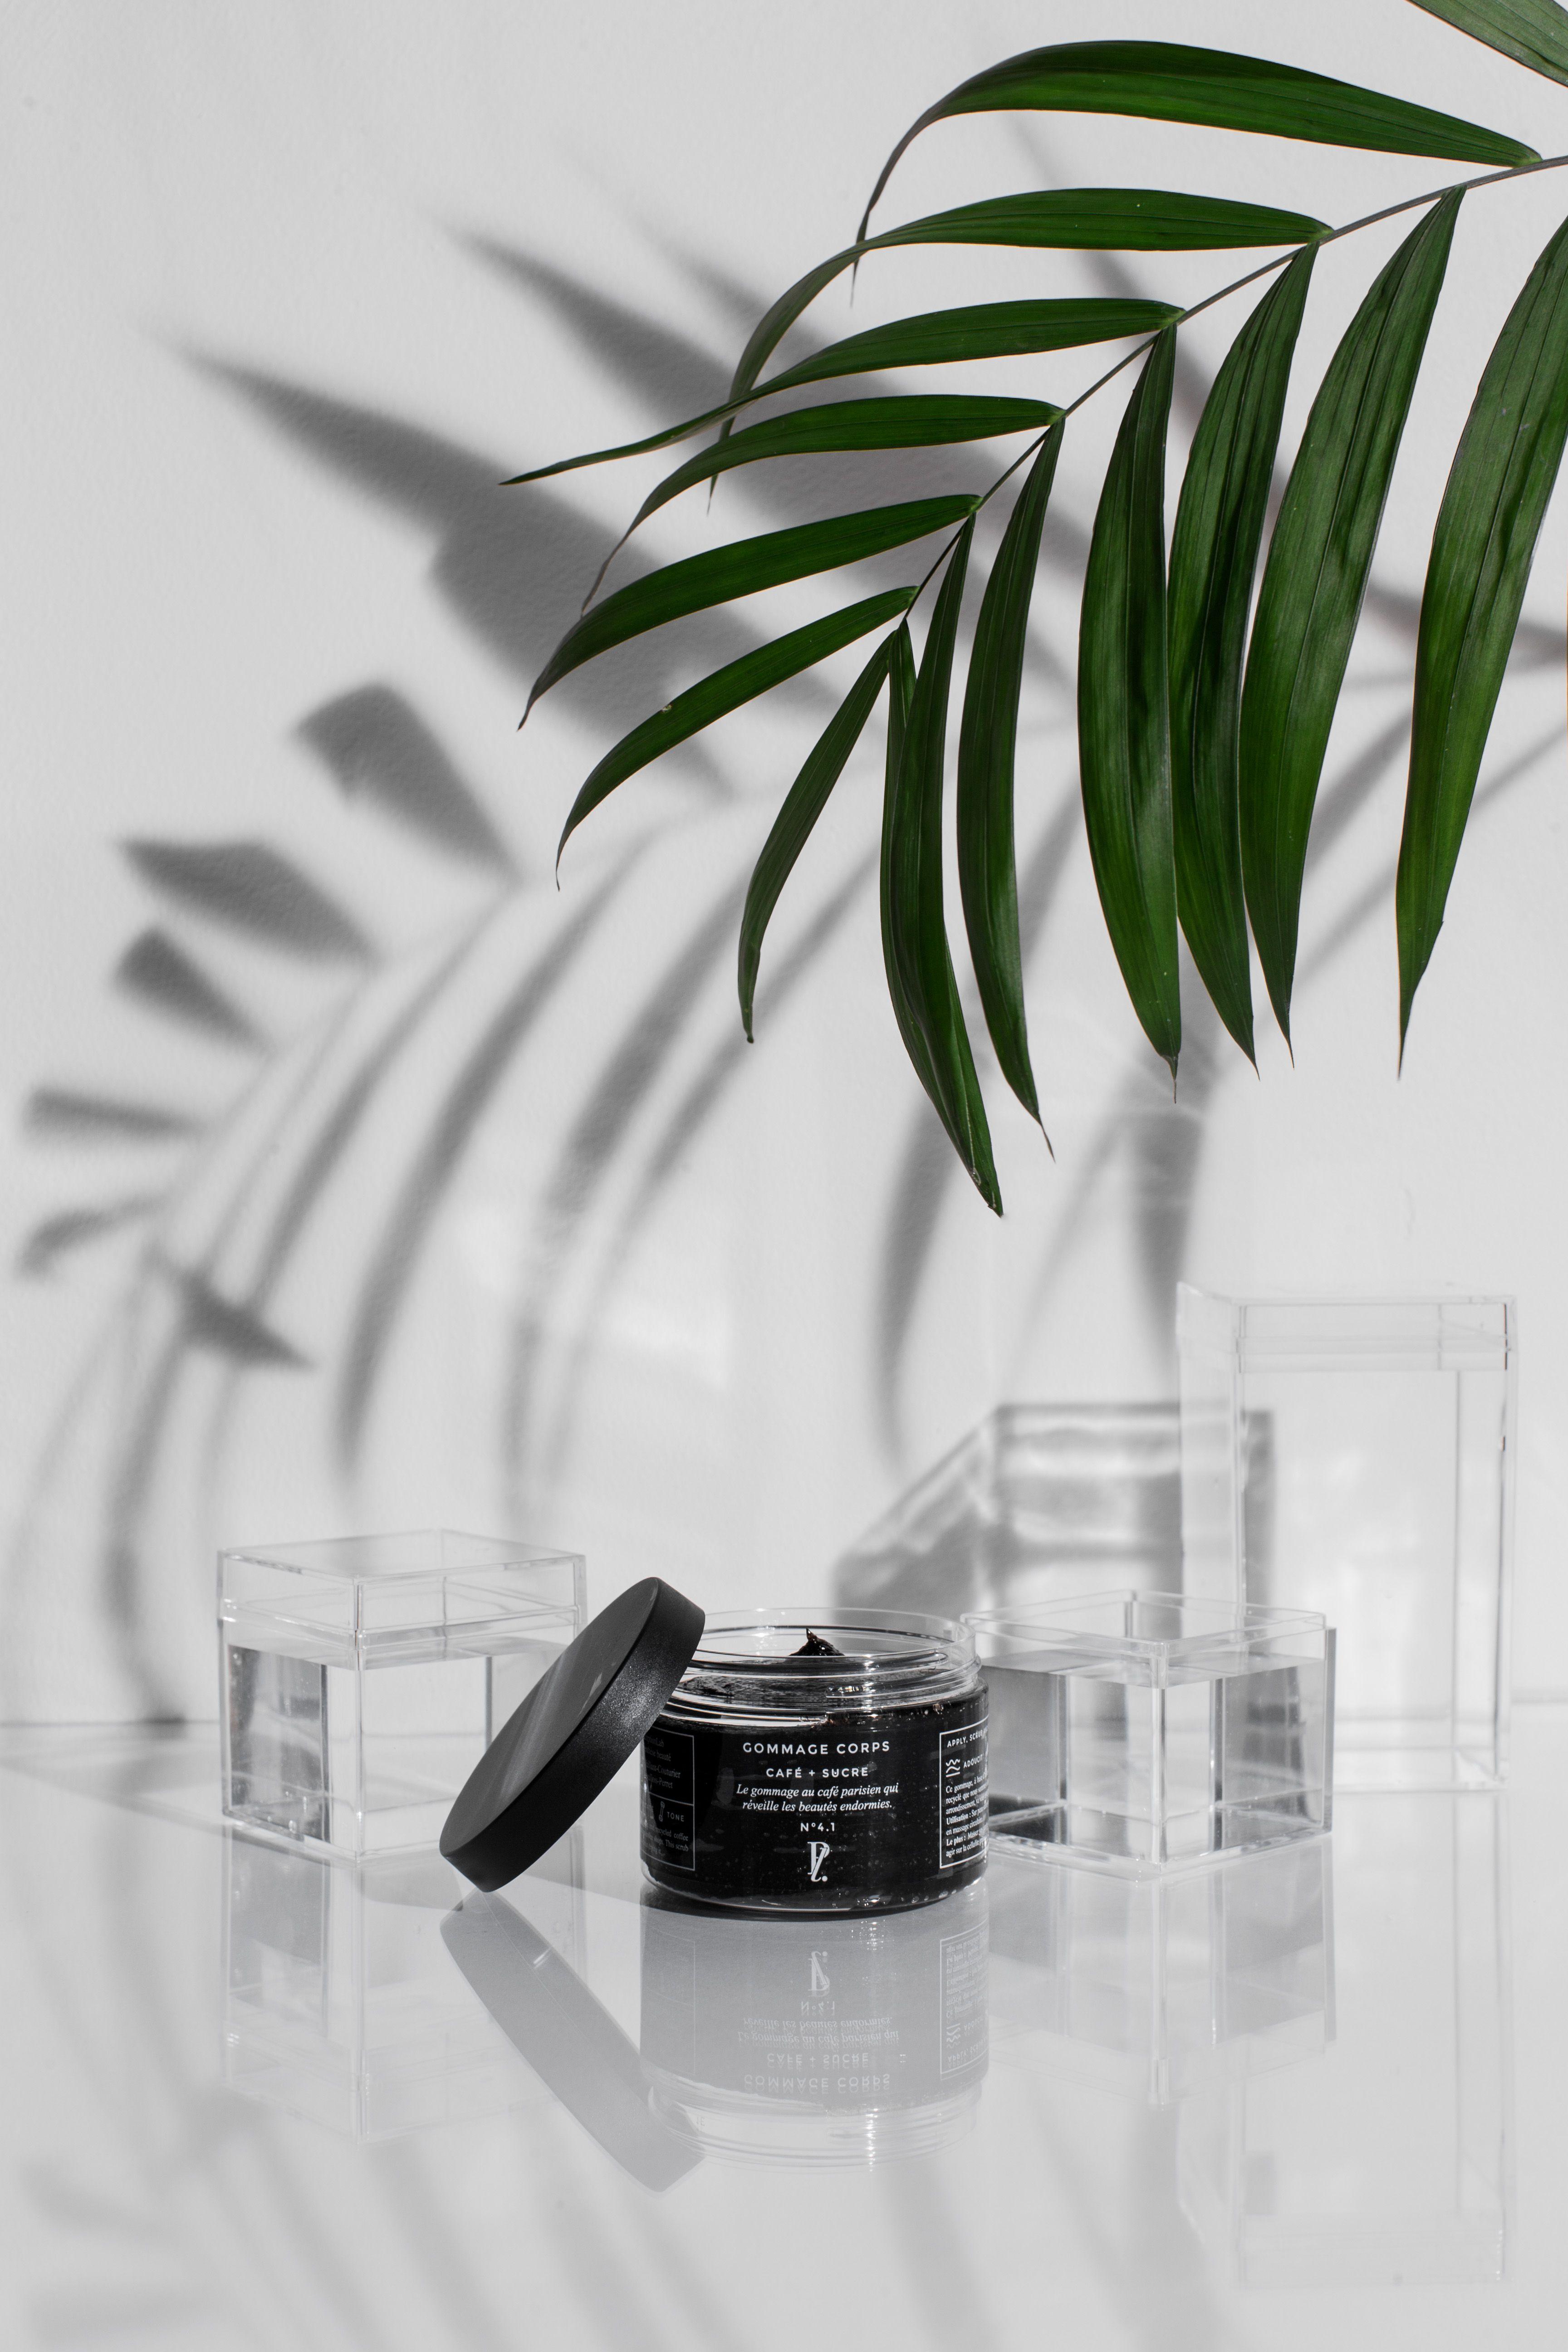 gommage + corps + café + noir + paris + cosmétique + green + naturelle + beauté + box + design ...